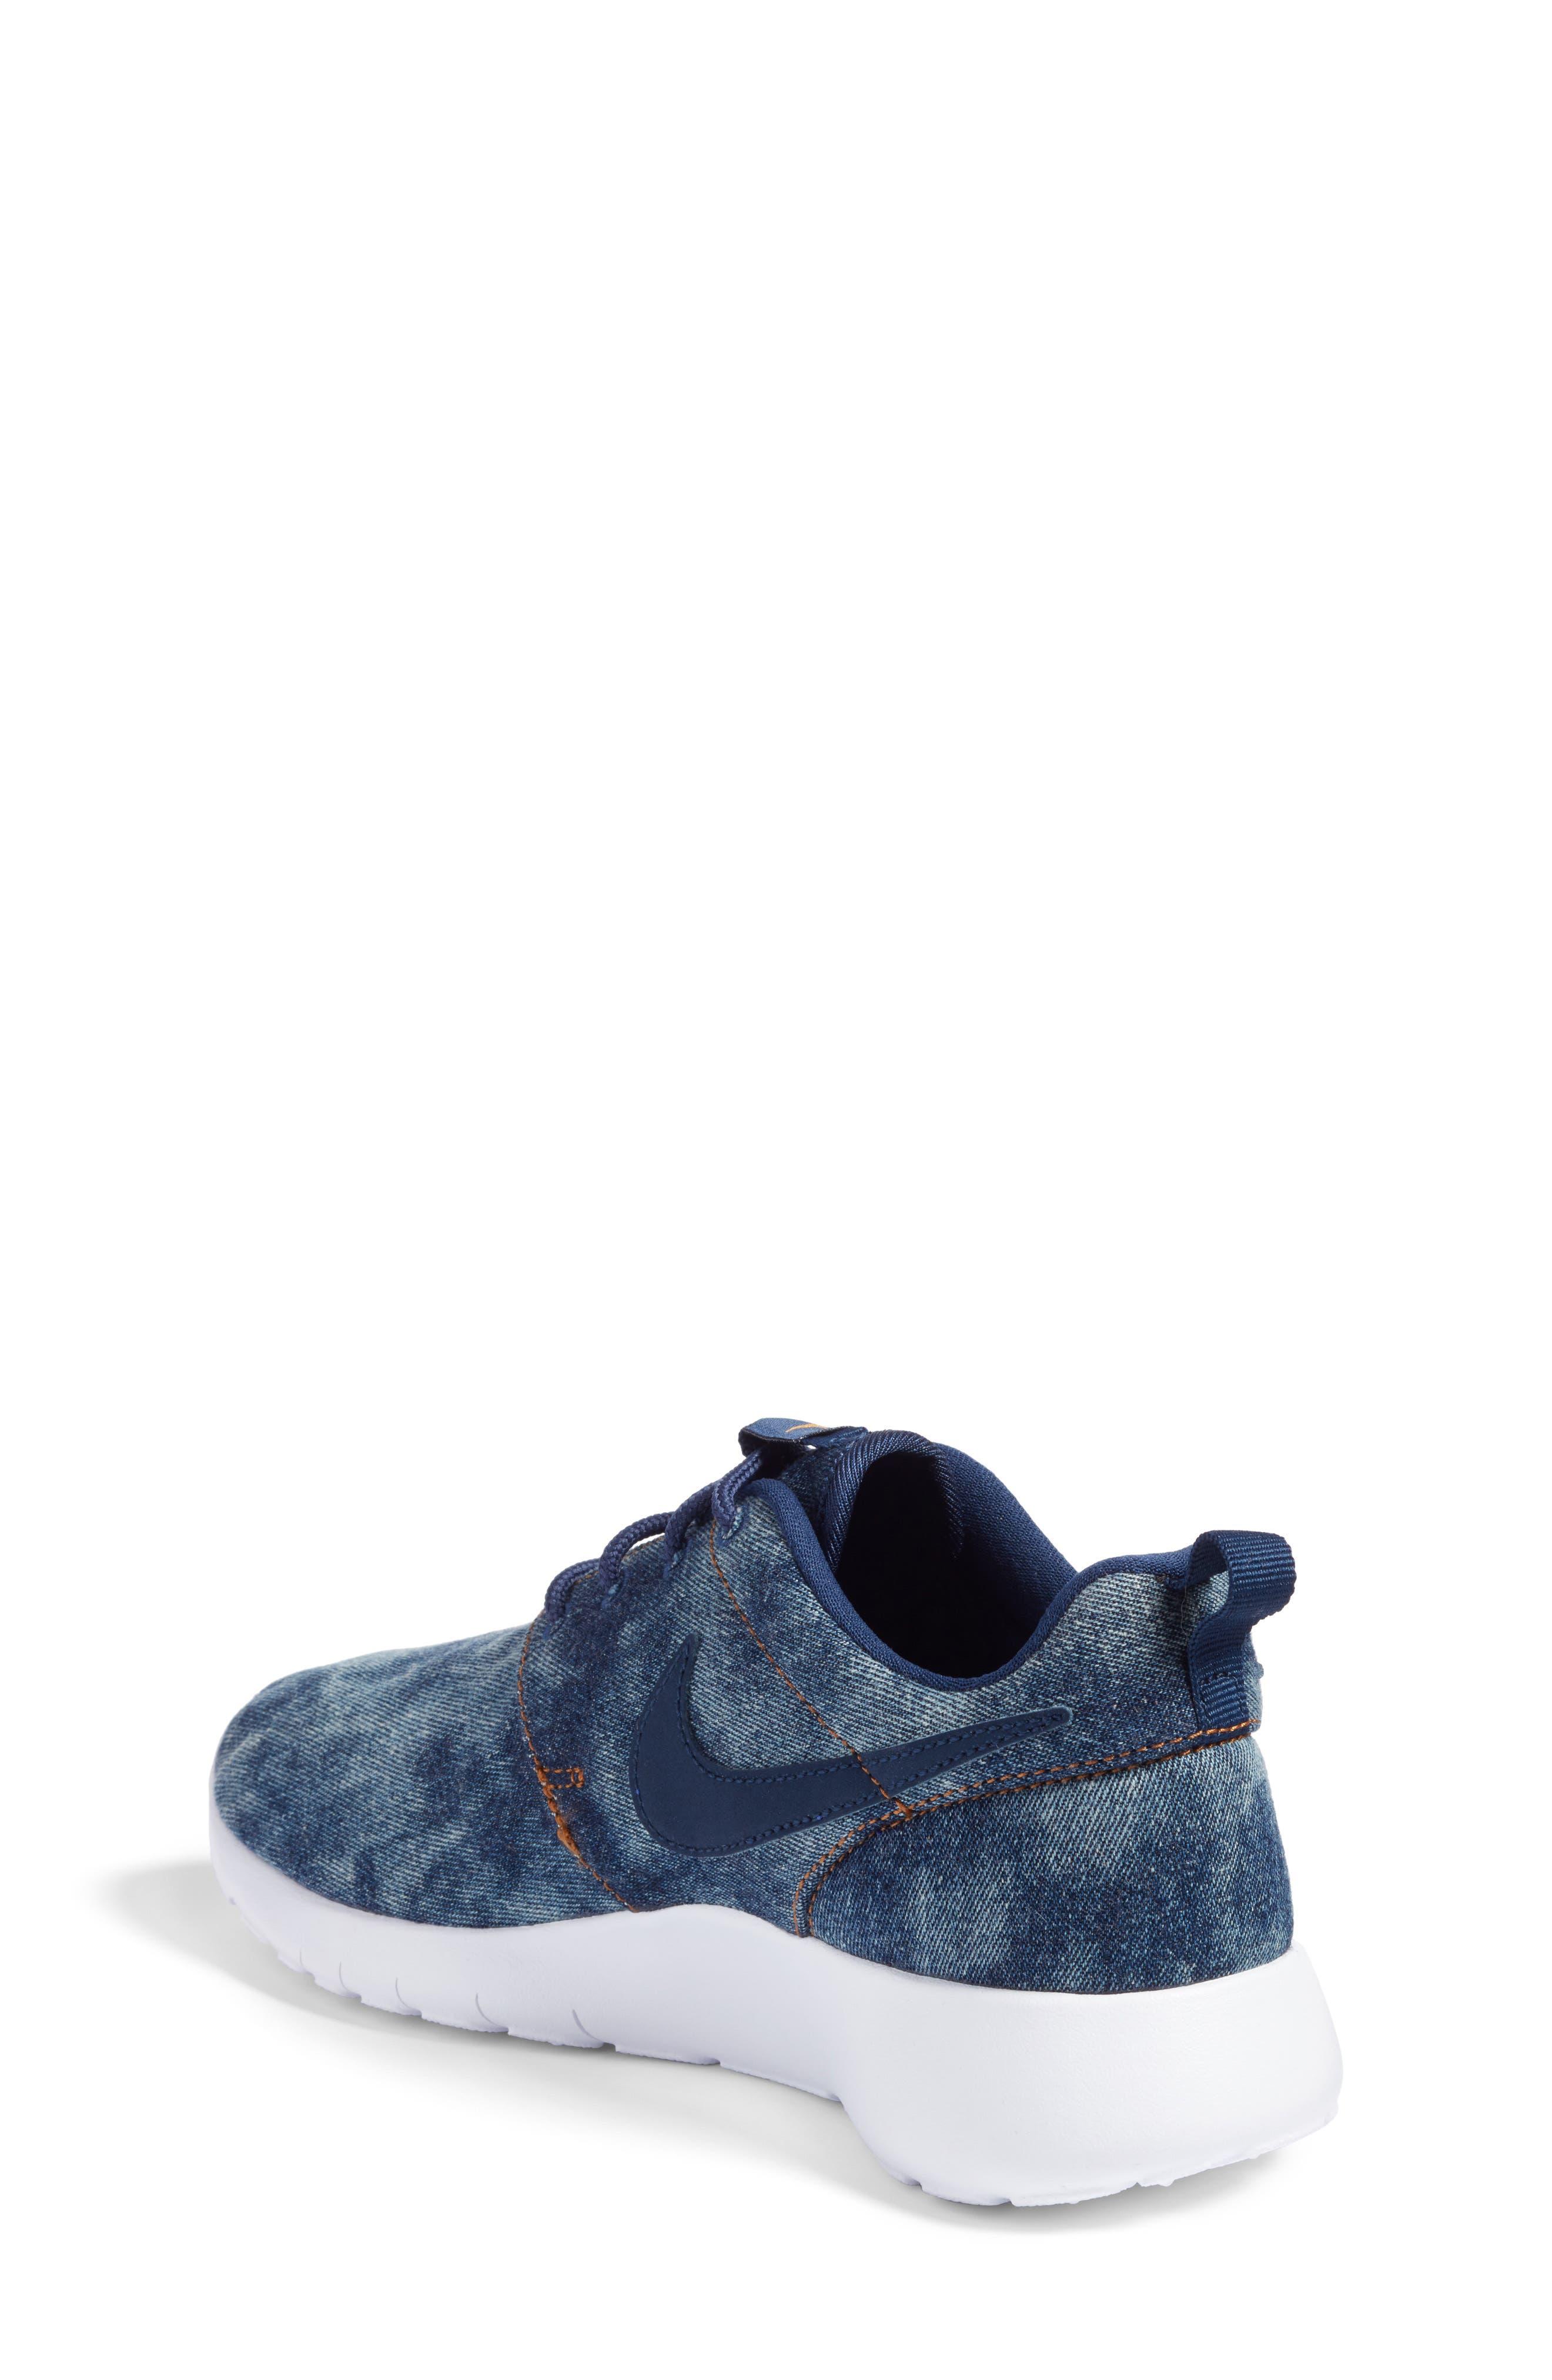 Roshe One SE Sneaker,                             Alternate thumbnail 2, color,                             400